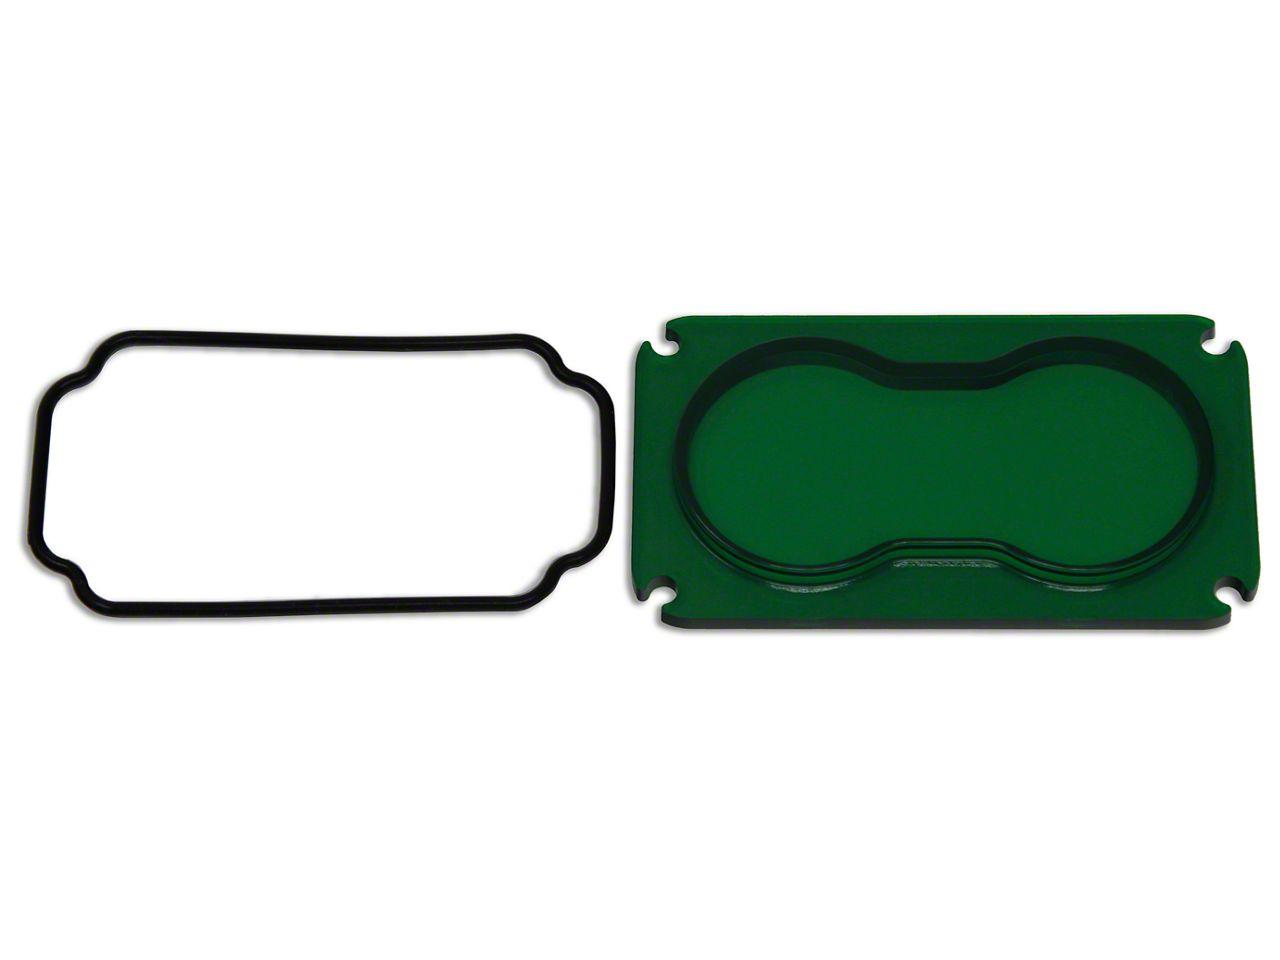 Baja Designs S2 Series Green Lens Kit (87-19 Jeep Wrangler YJ, TJ, JK & JL)